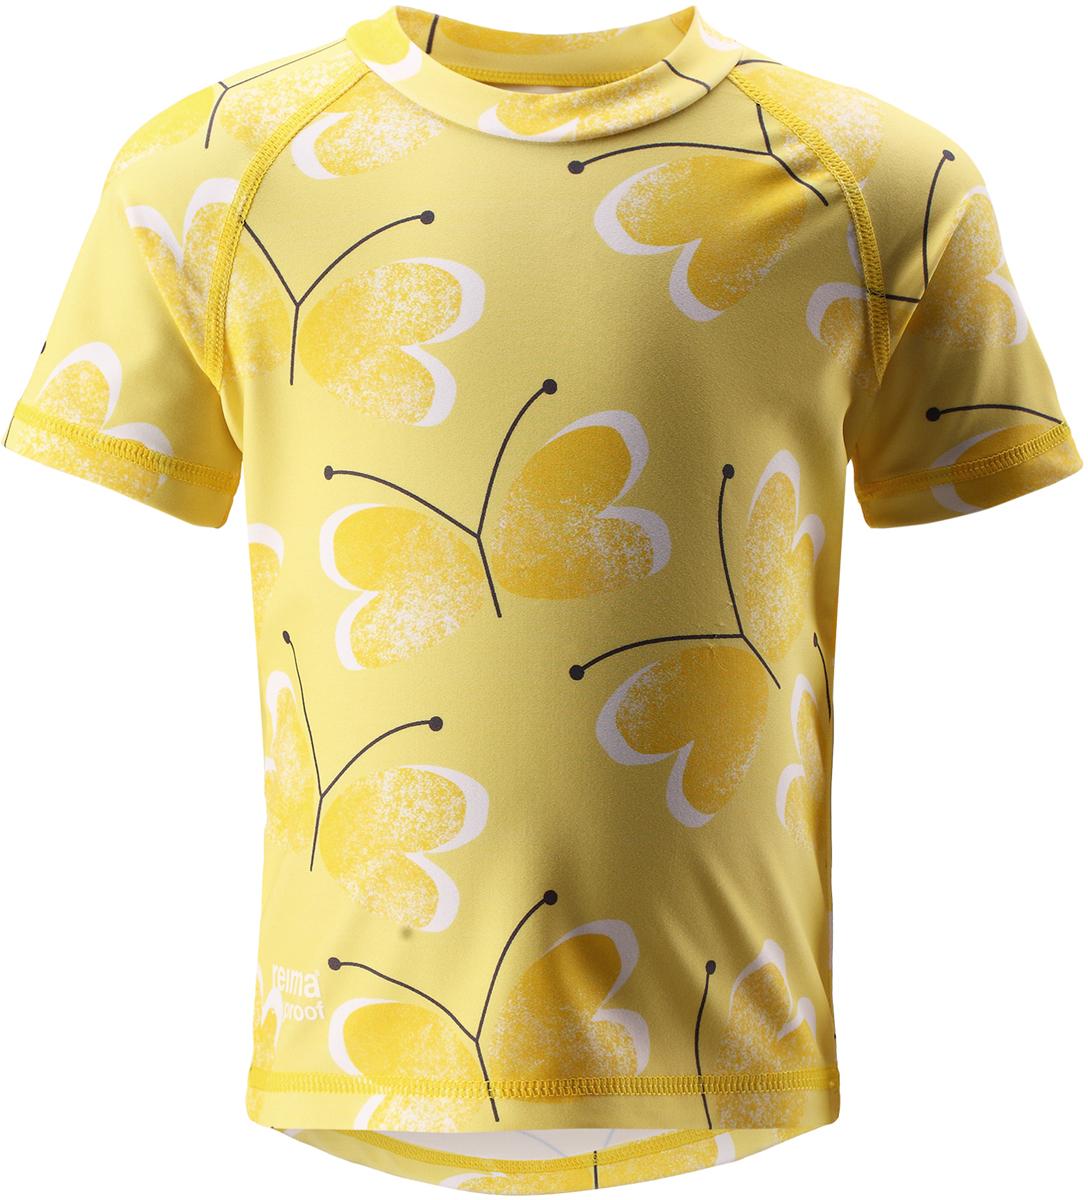 Футболка для плавания детская Reima Azores, цвет: желтый. 5163512333. Размер 805163512333